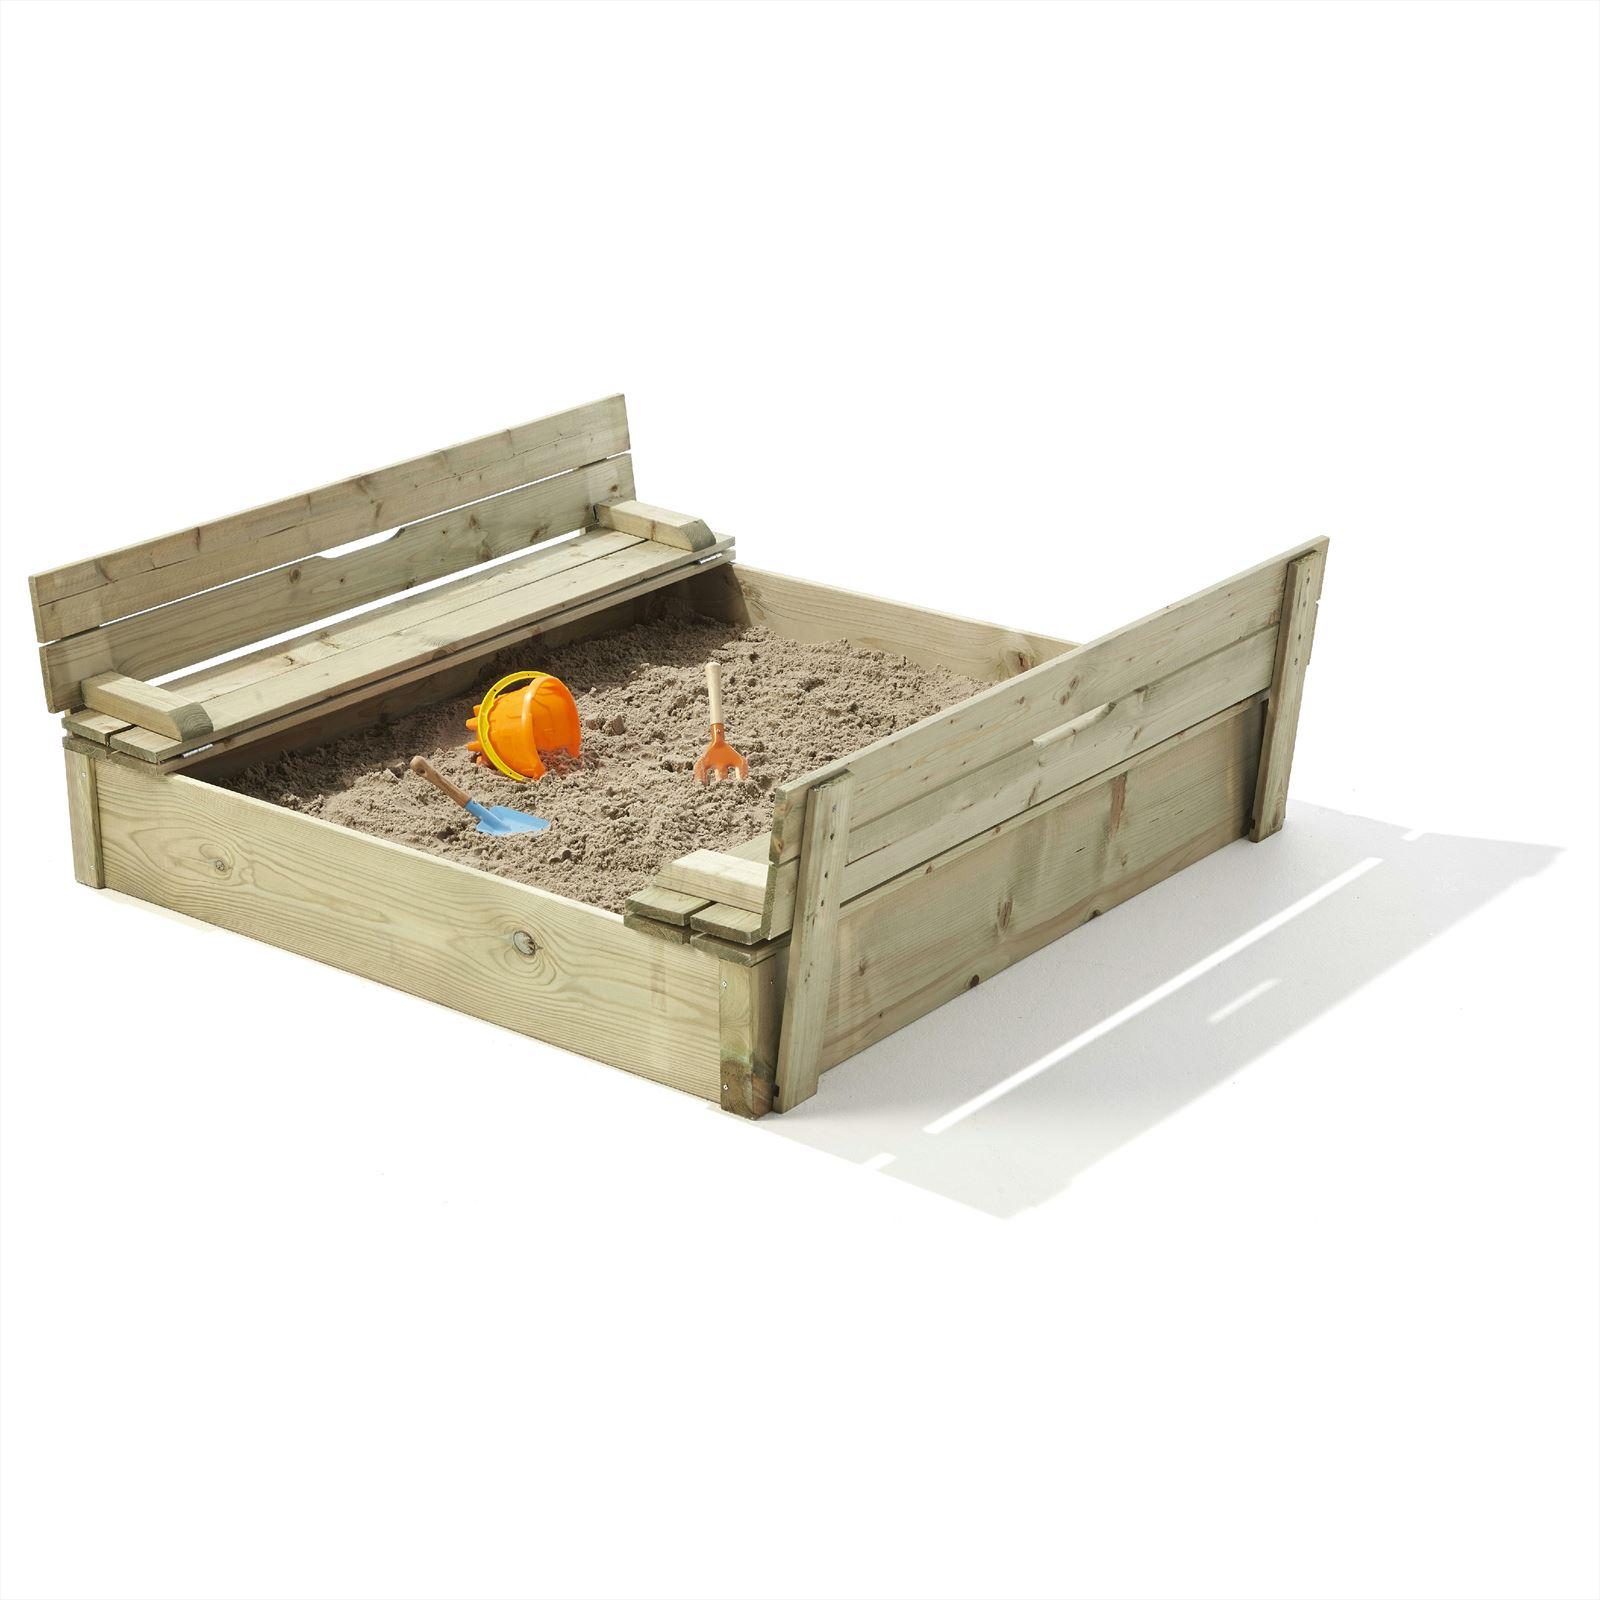 Outdoor Life Zandbak met deksel en zitje, 118x118 cm, geïmpregneerd vuren